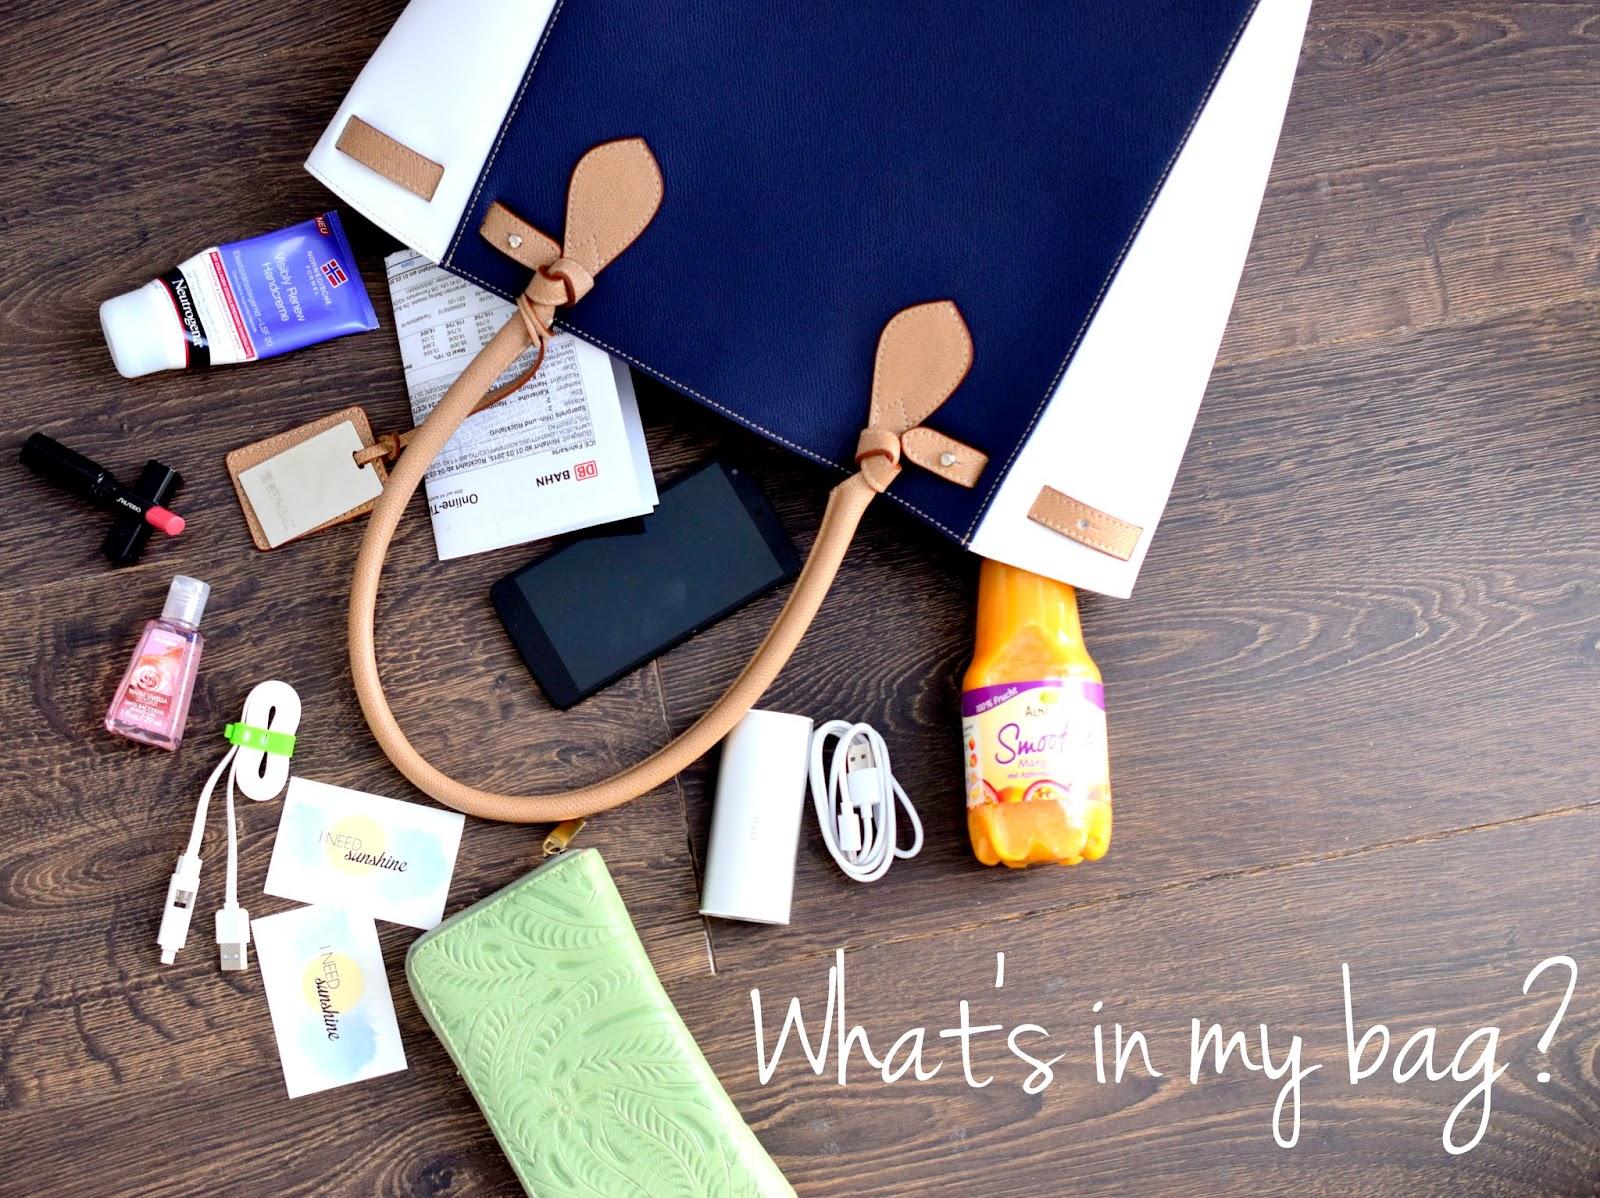 What's in my bag? Was ich für ein Blogger Event einpacke